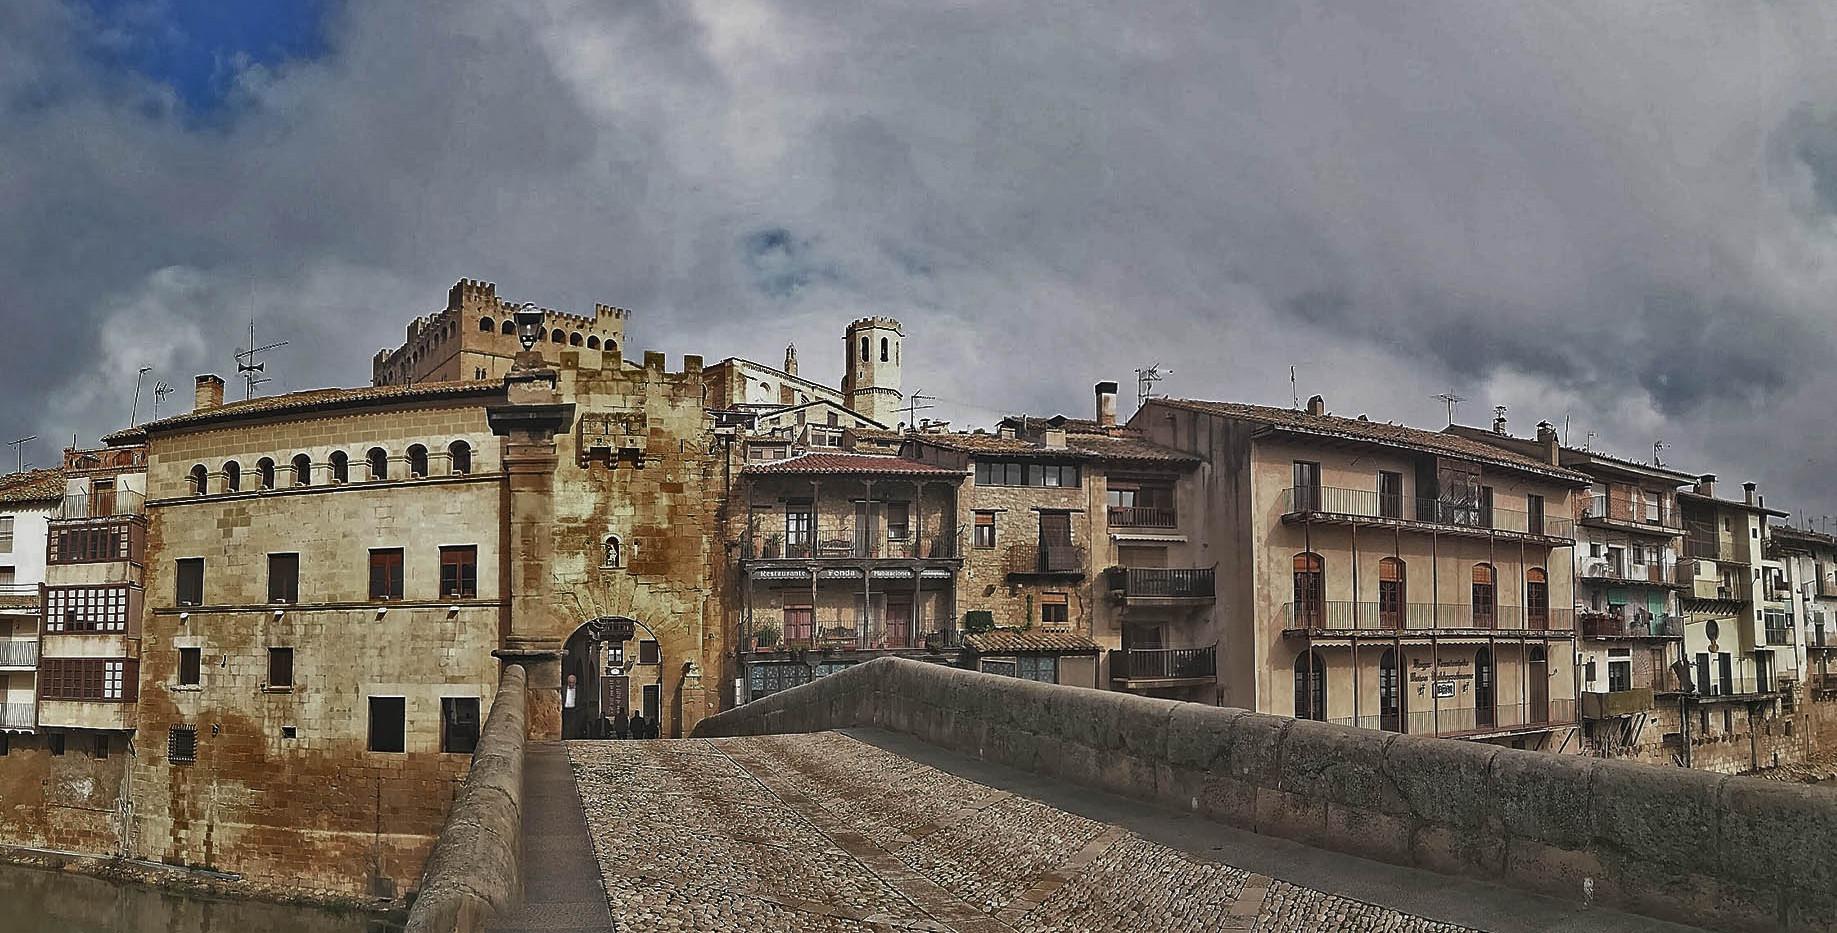 Rueda en Teruel-Shoot in Teruel- Valderrobres